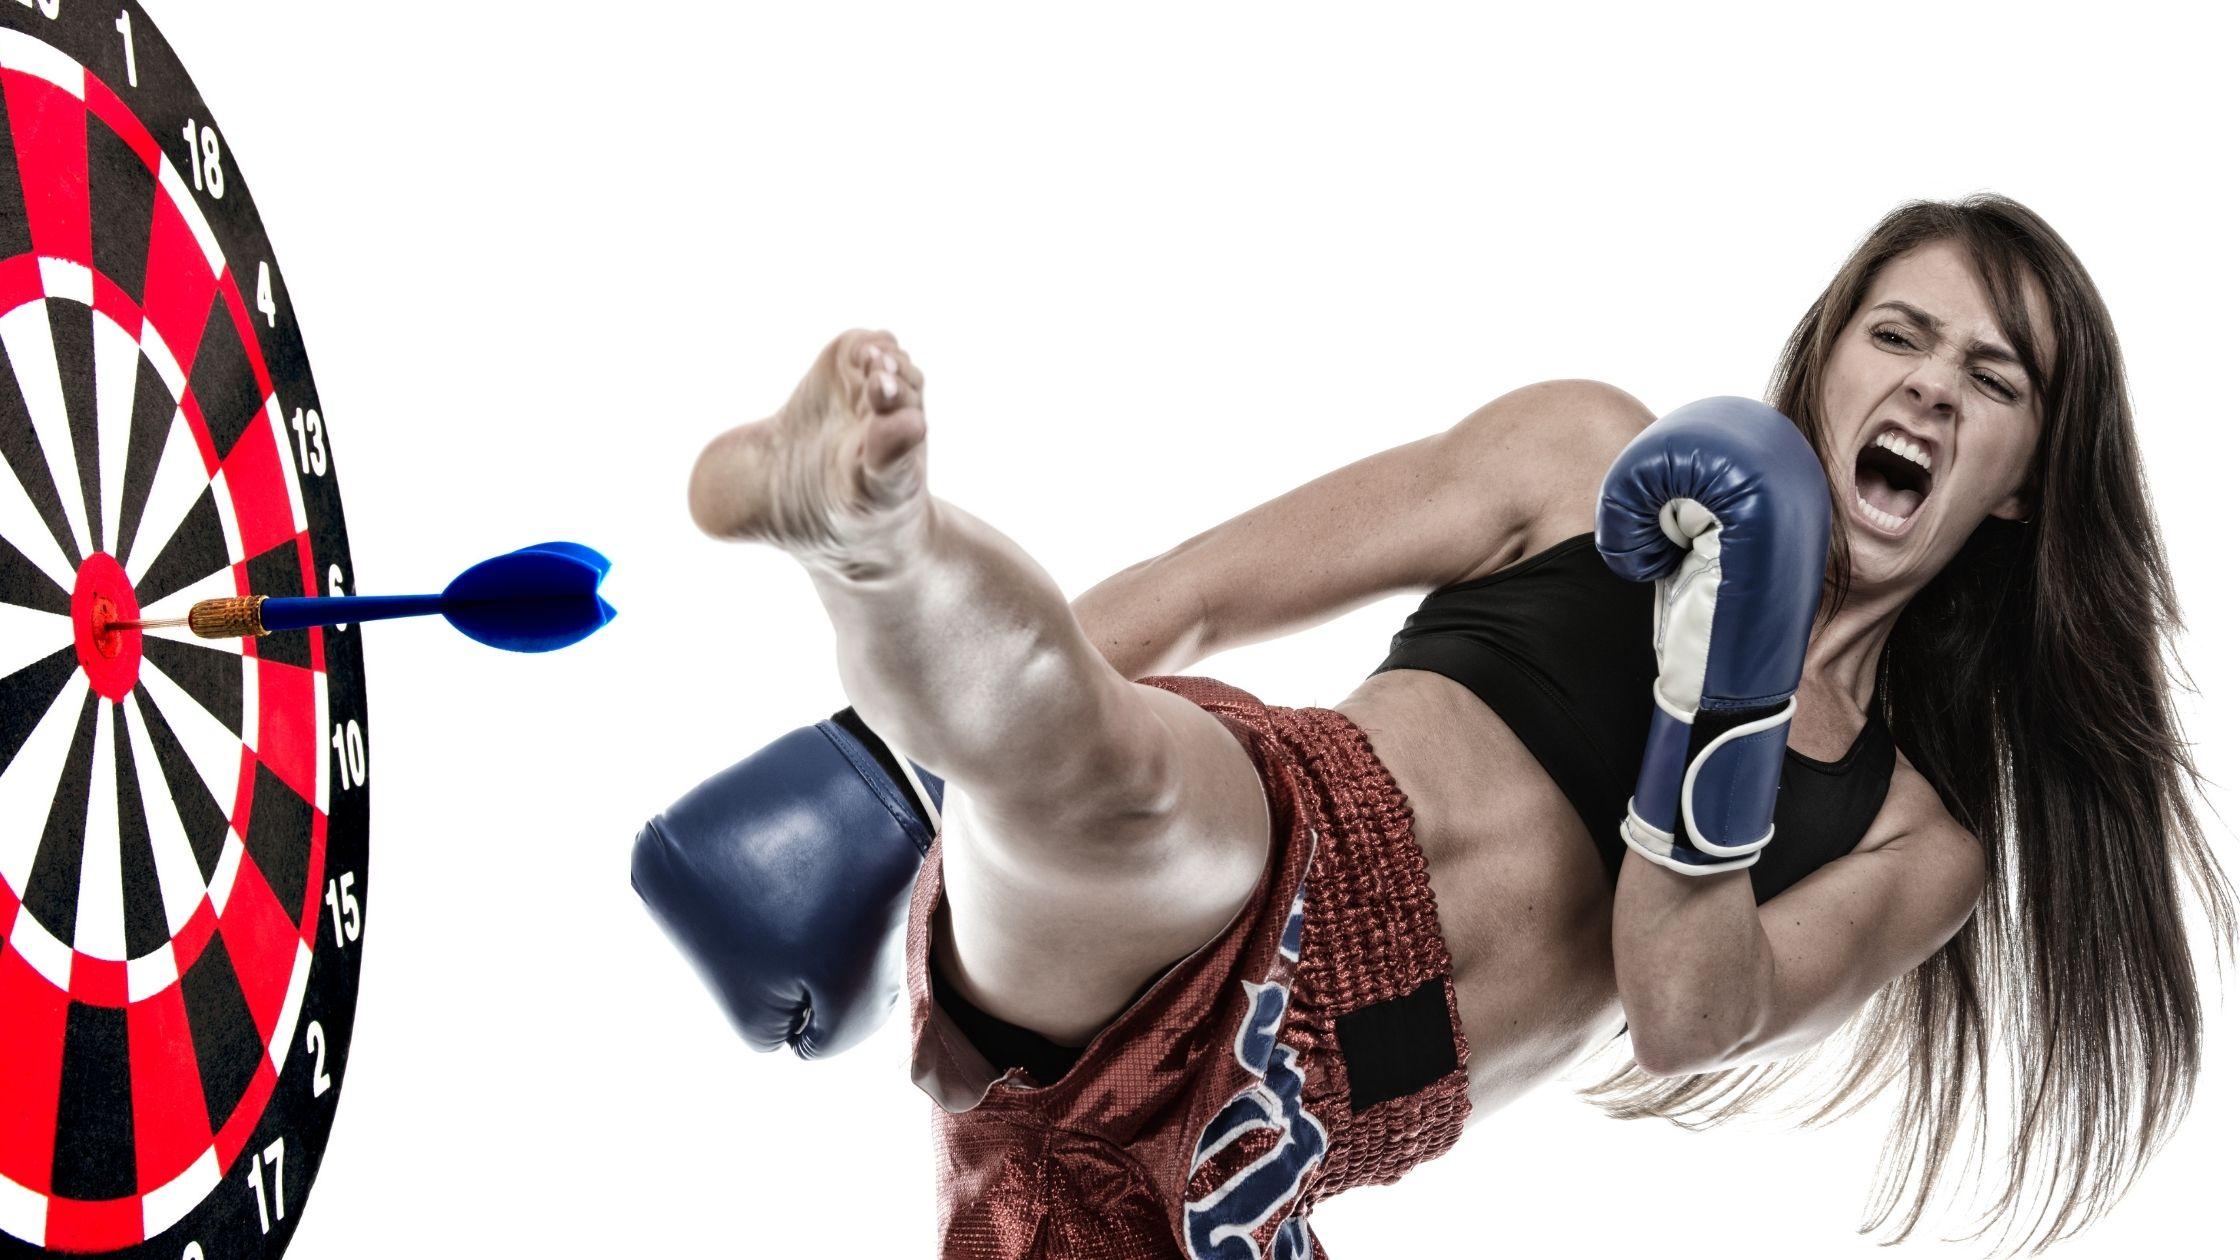 Comment atteindre vos objectifs, Image - Une belle artiste martiale aux cheveux longs, vêtue d'un haut court sans manches sombre et d'un short de sport à carreaux bleu et doublure blanche avec ses gants et position de coup de pied vers un jeu de fléchettes.